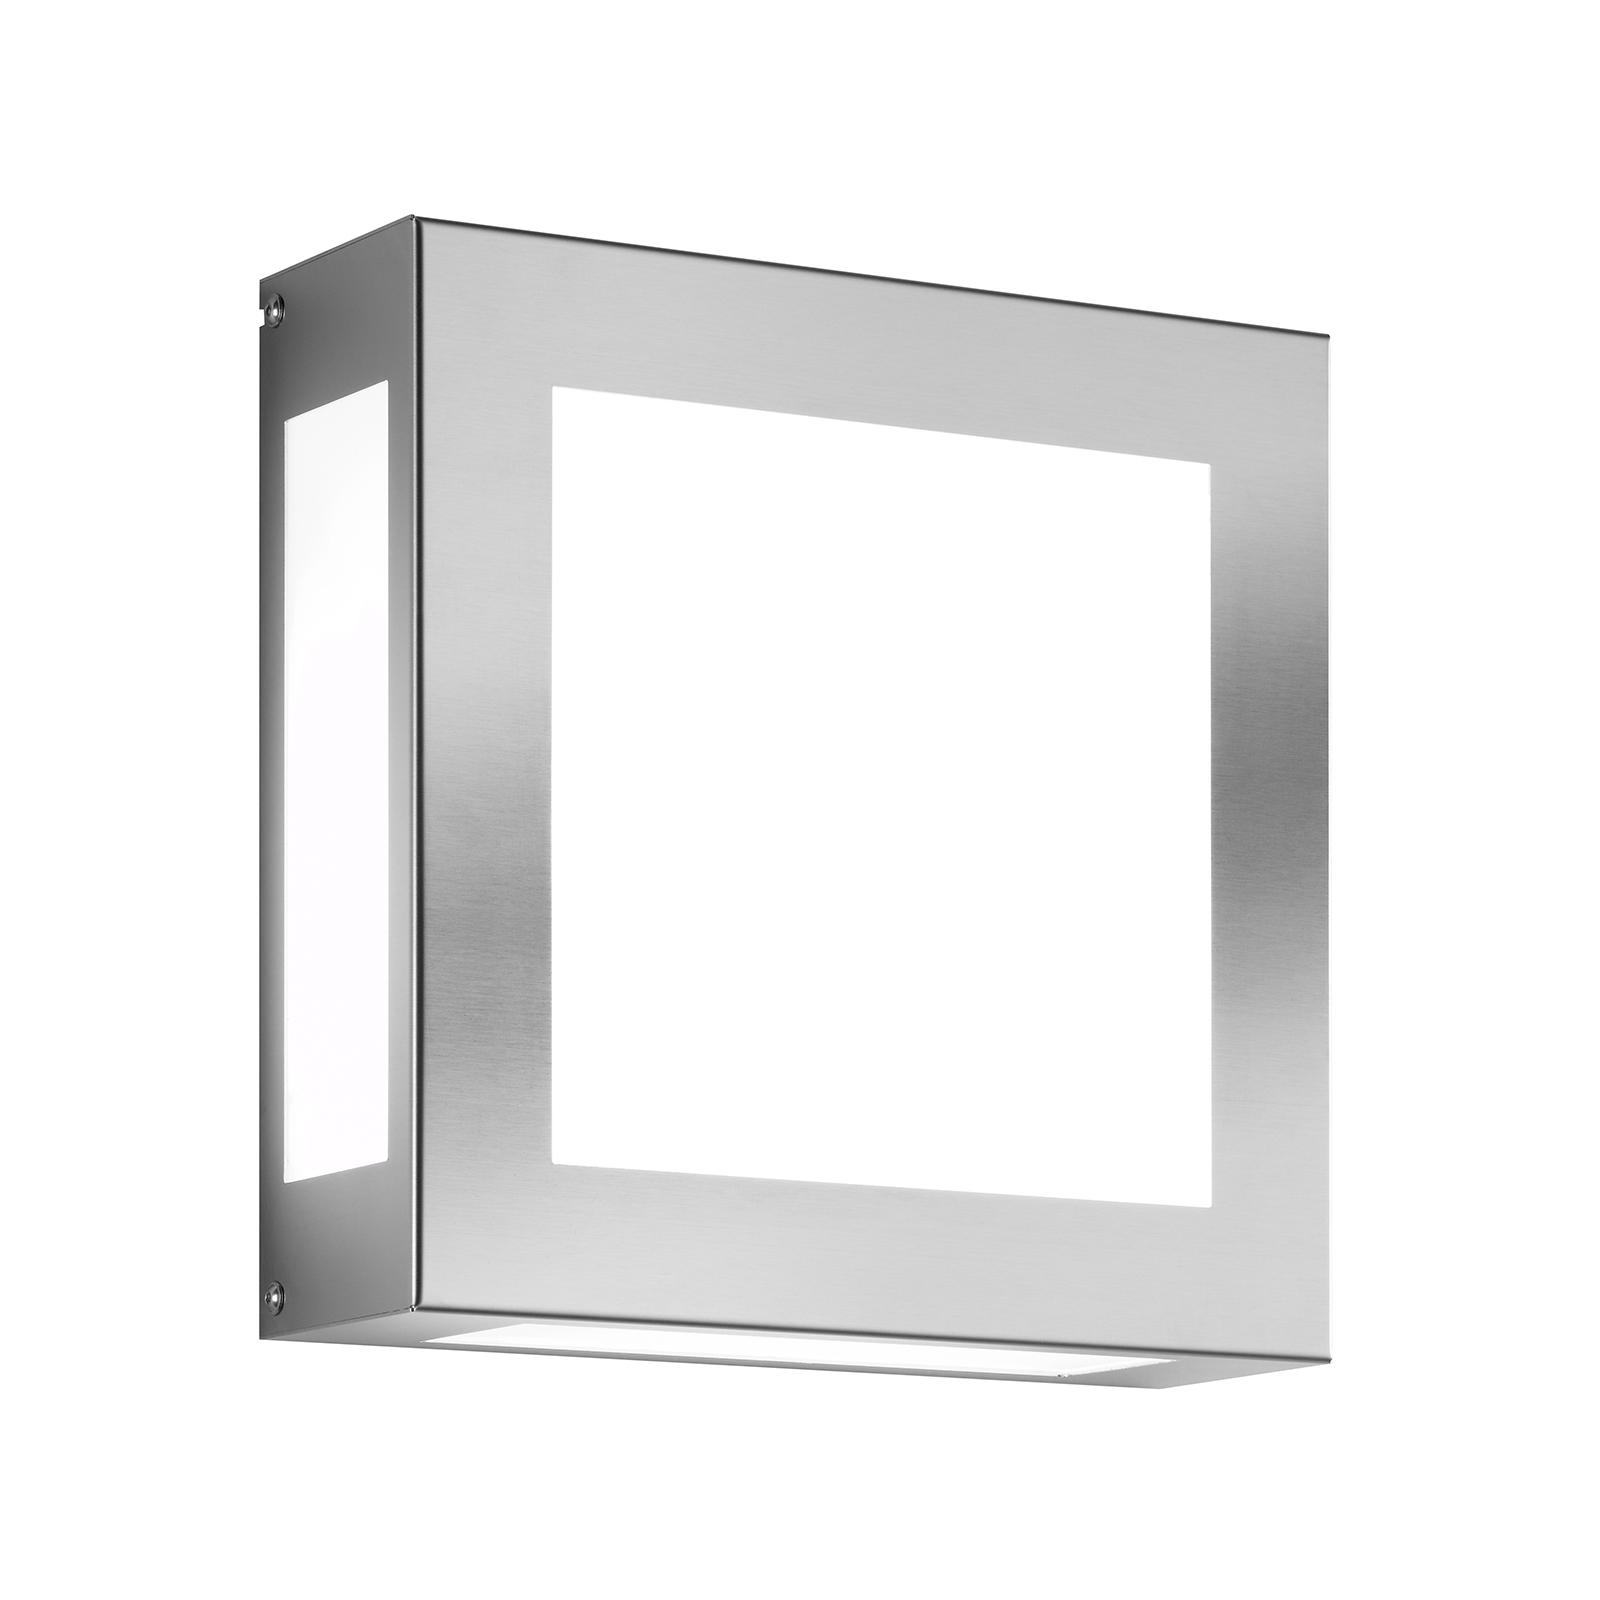 LED buitenwandlamp Aqua Legendo, roestvrijstaal